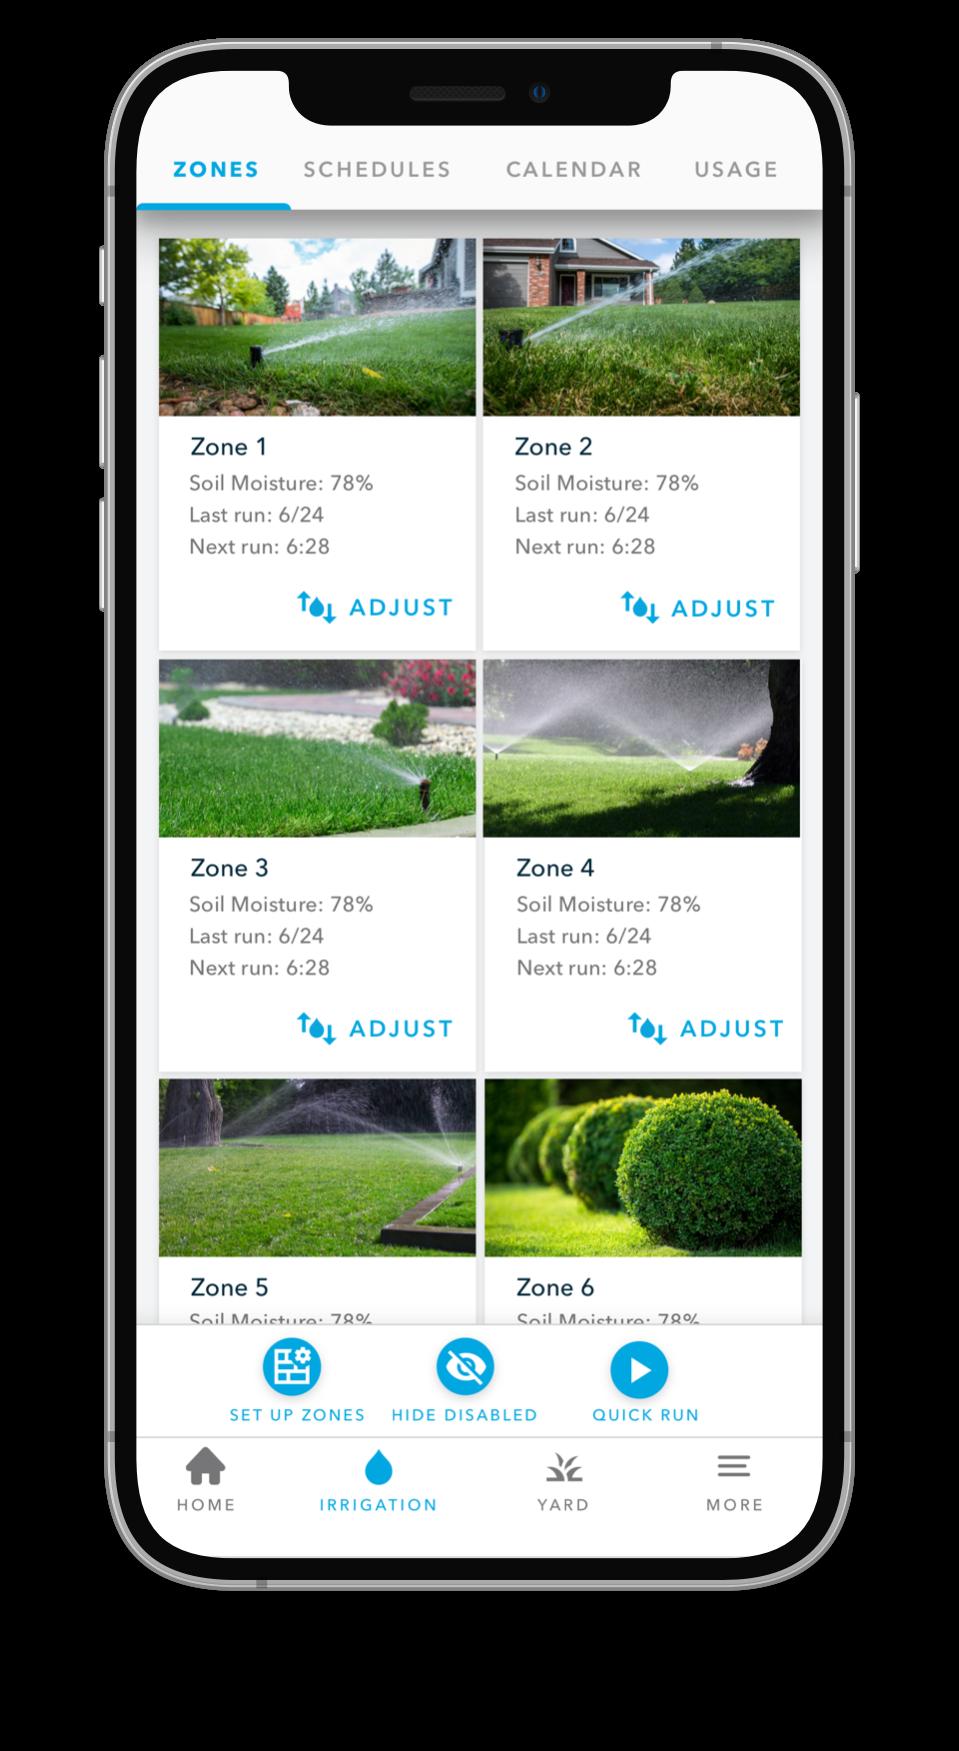 Screenshot of zones in Rachio mobile app